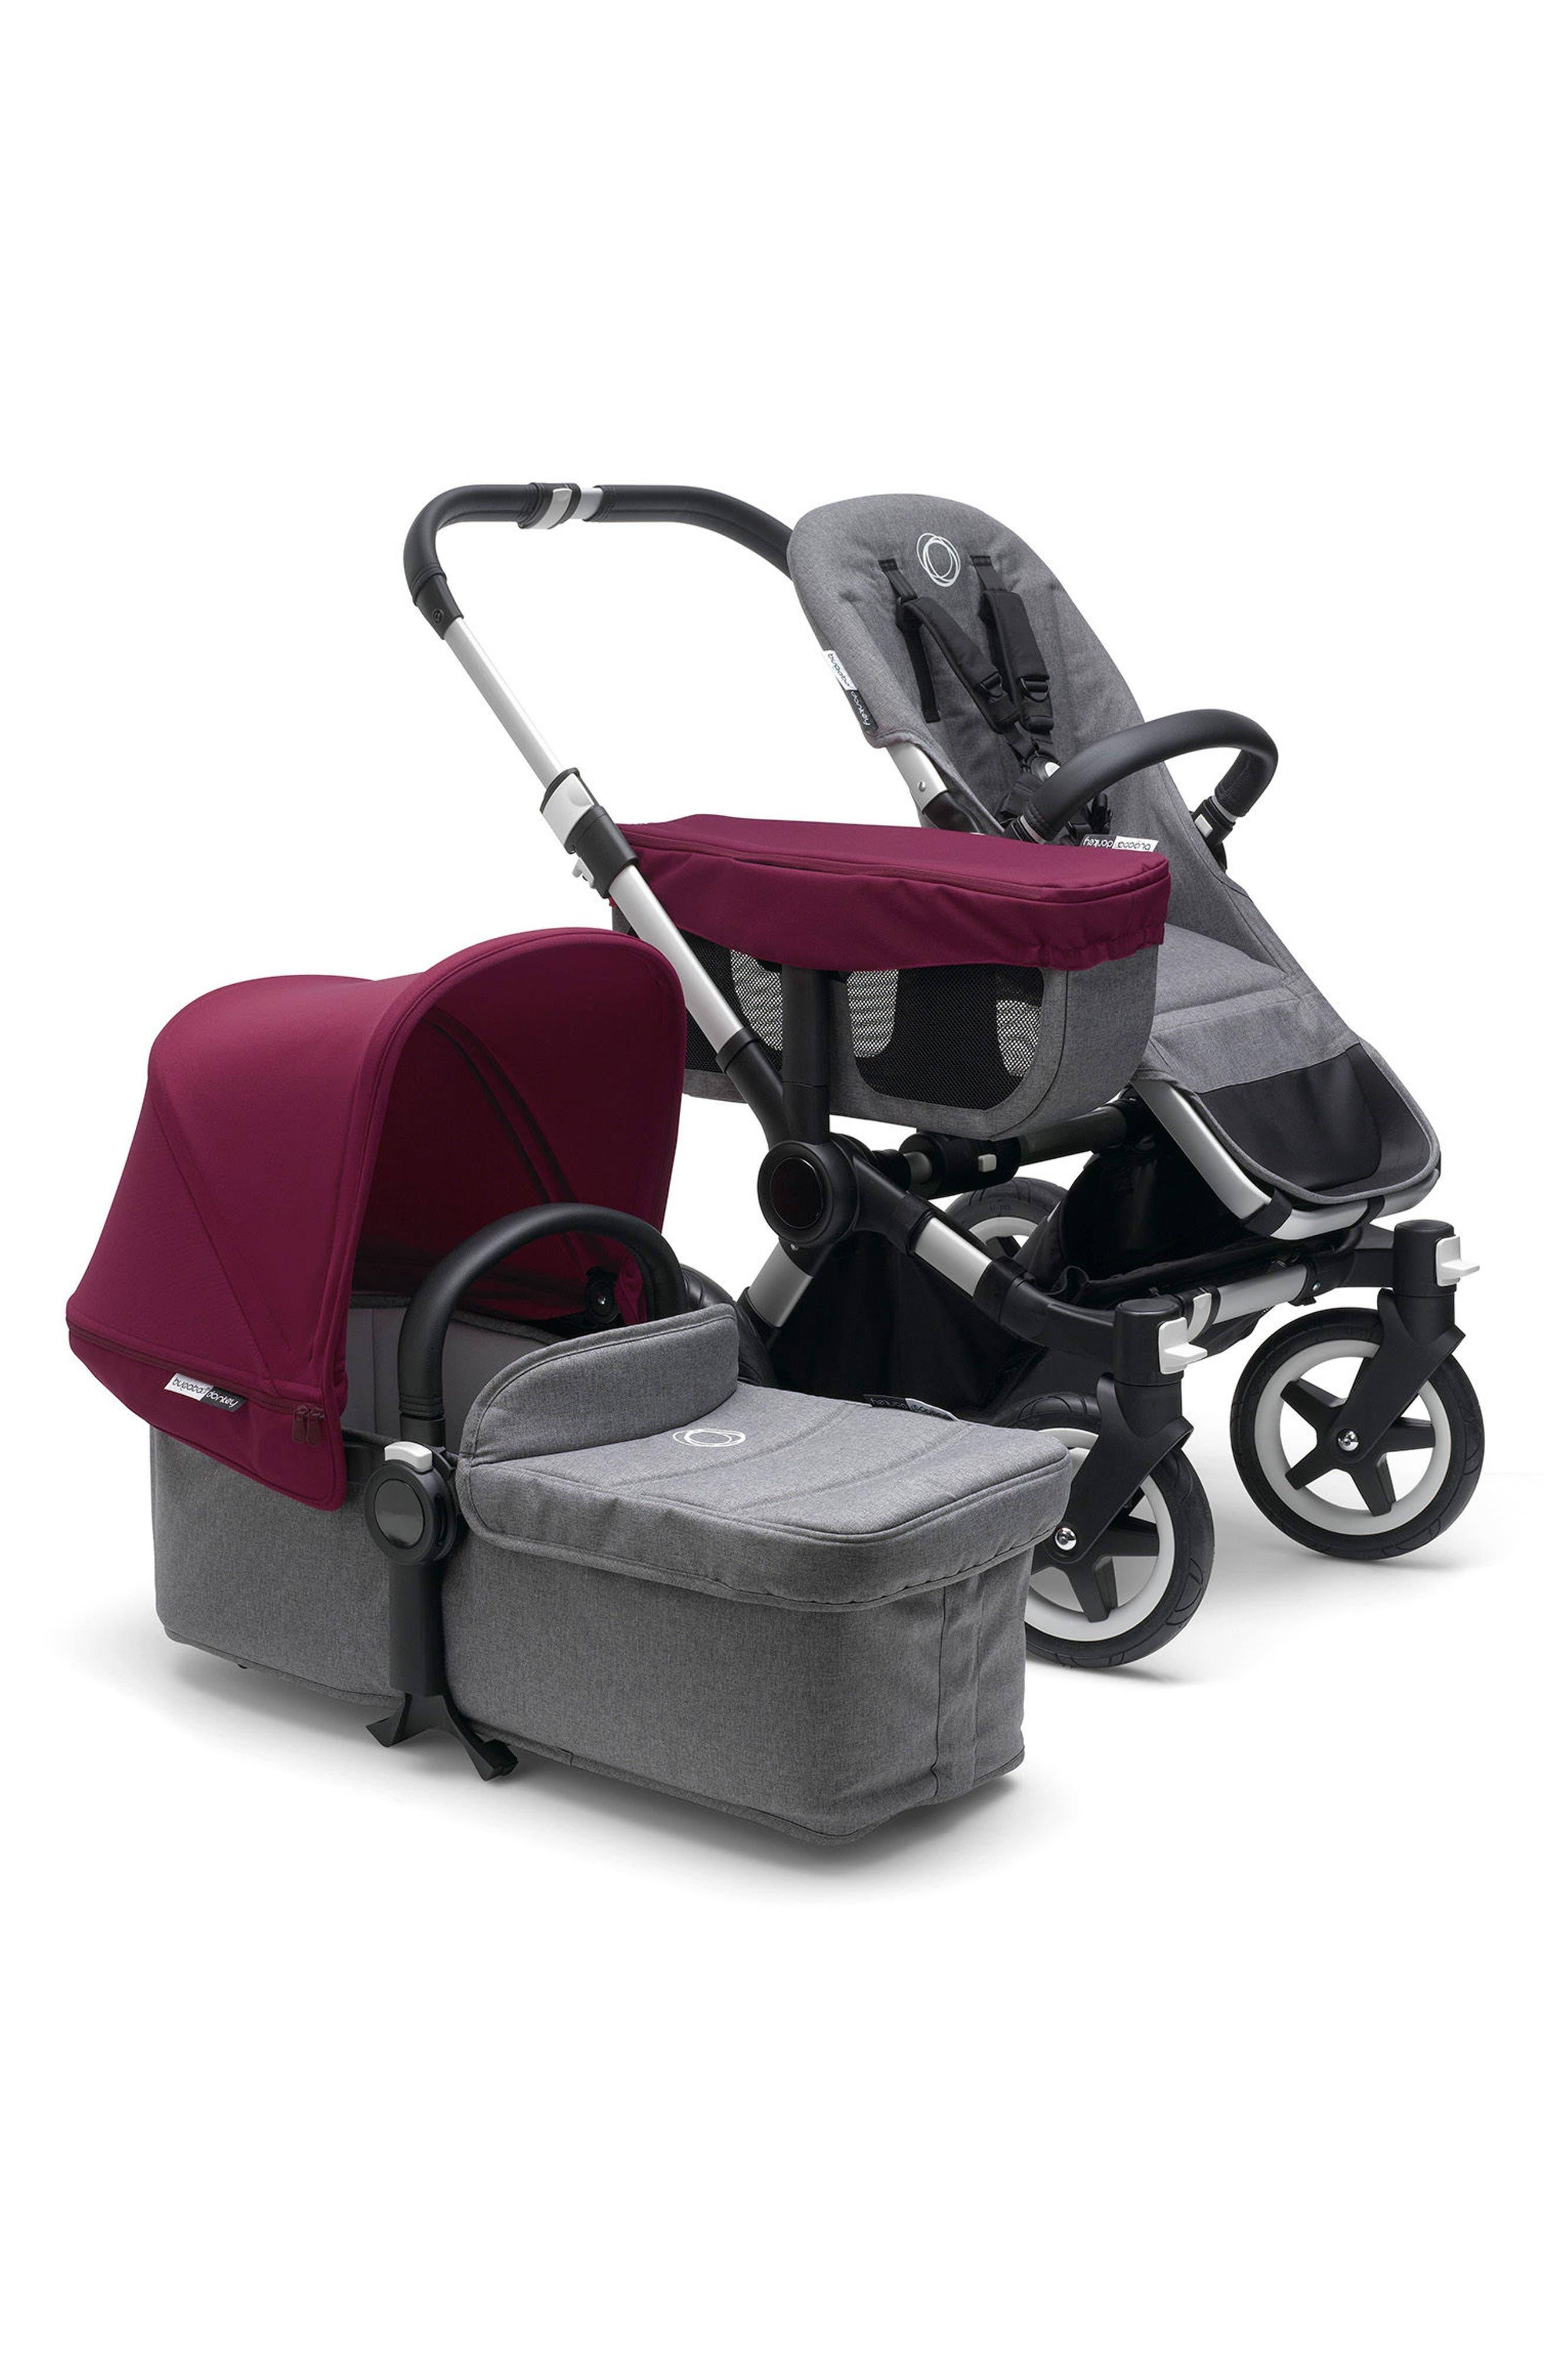 Donkey2 Mono Complete Stroller with Bassinet,                         Main,                         color, GREY MELANGE